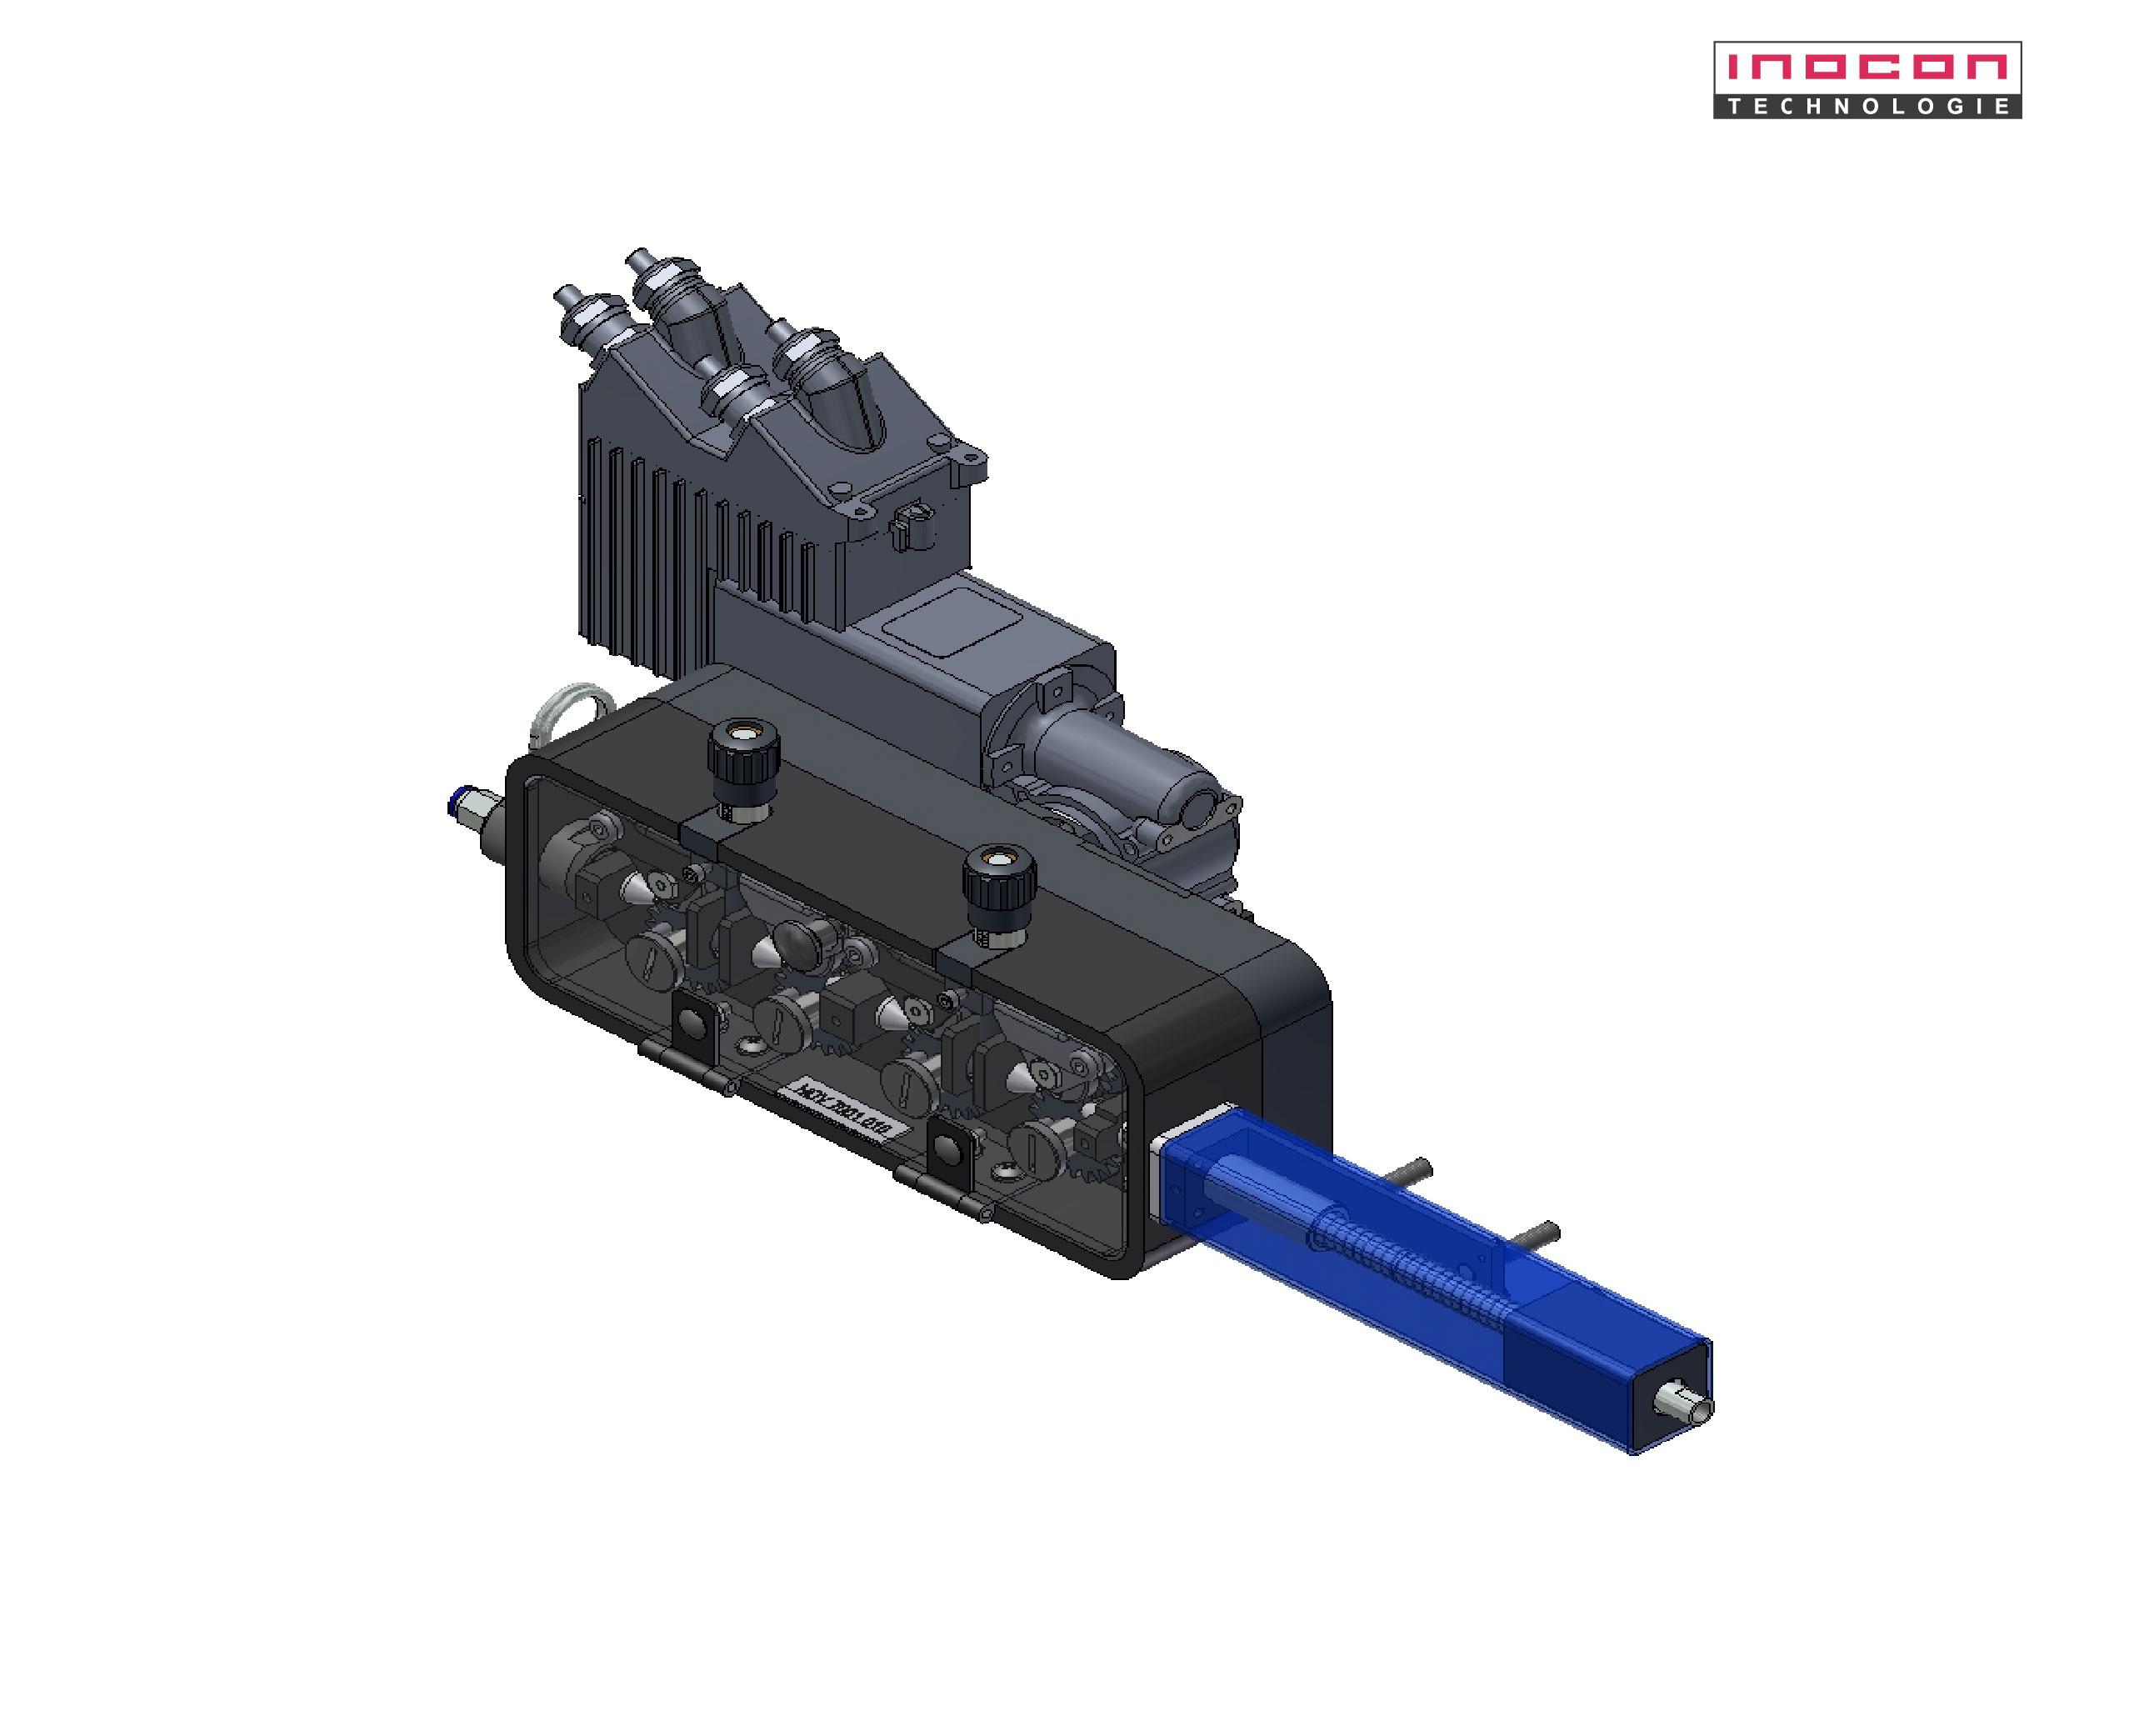 HDV01